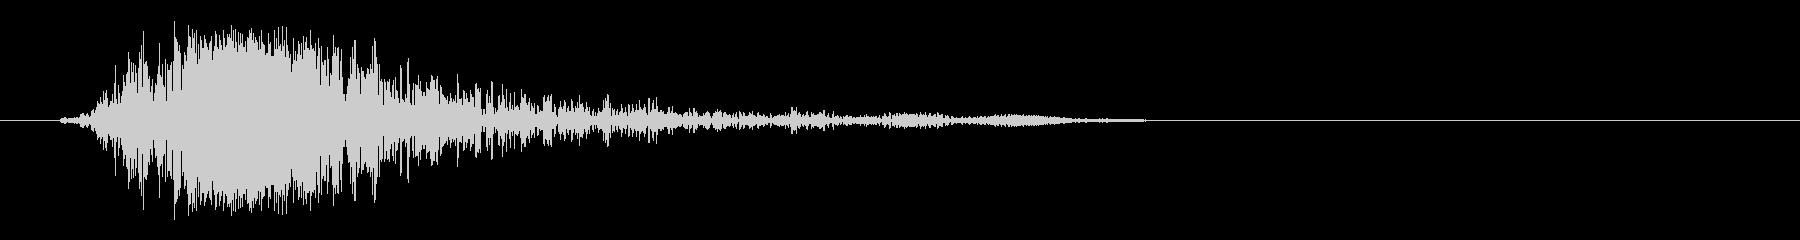 カッ(POPでアメリカンな音)の未再生の波形